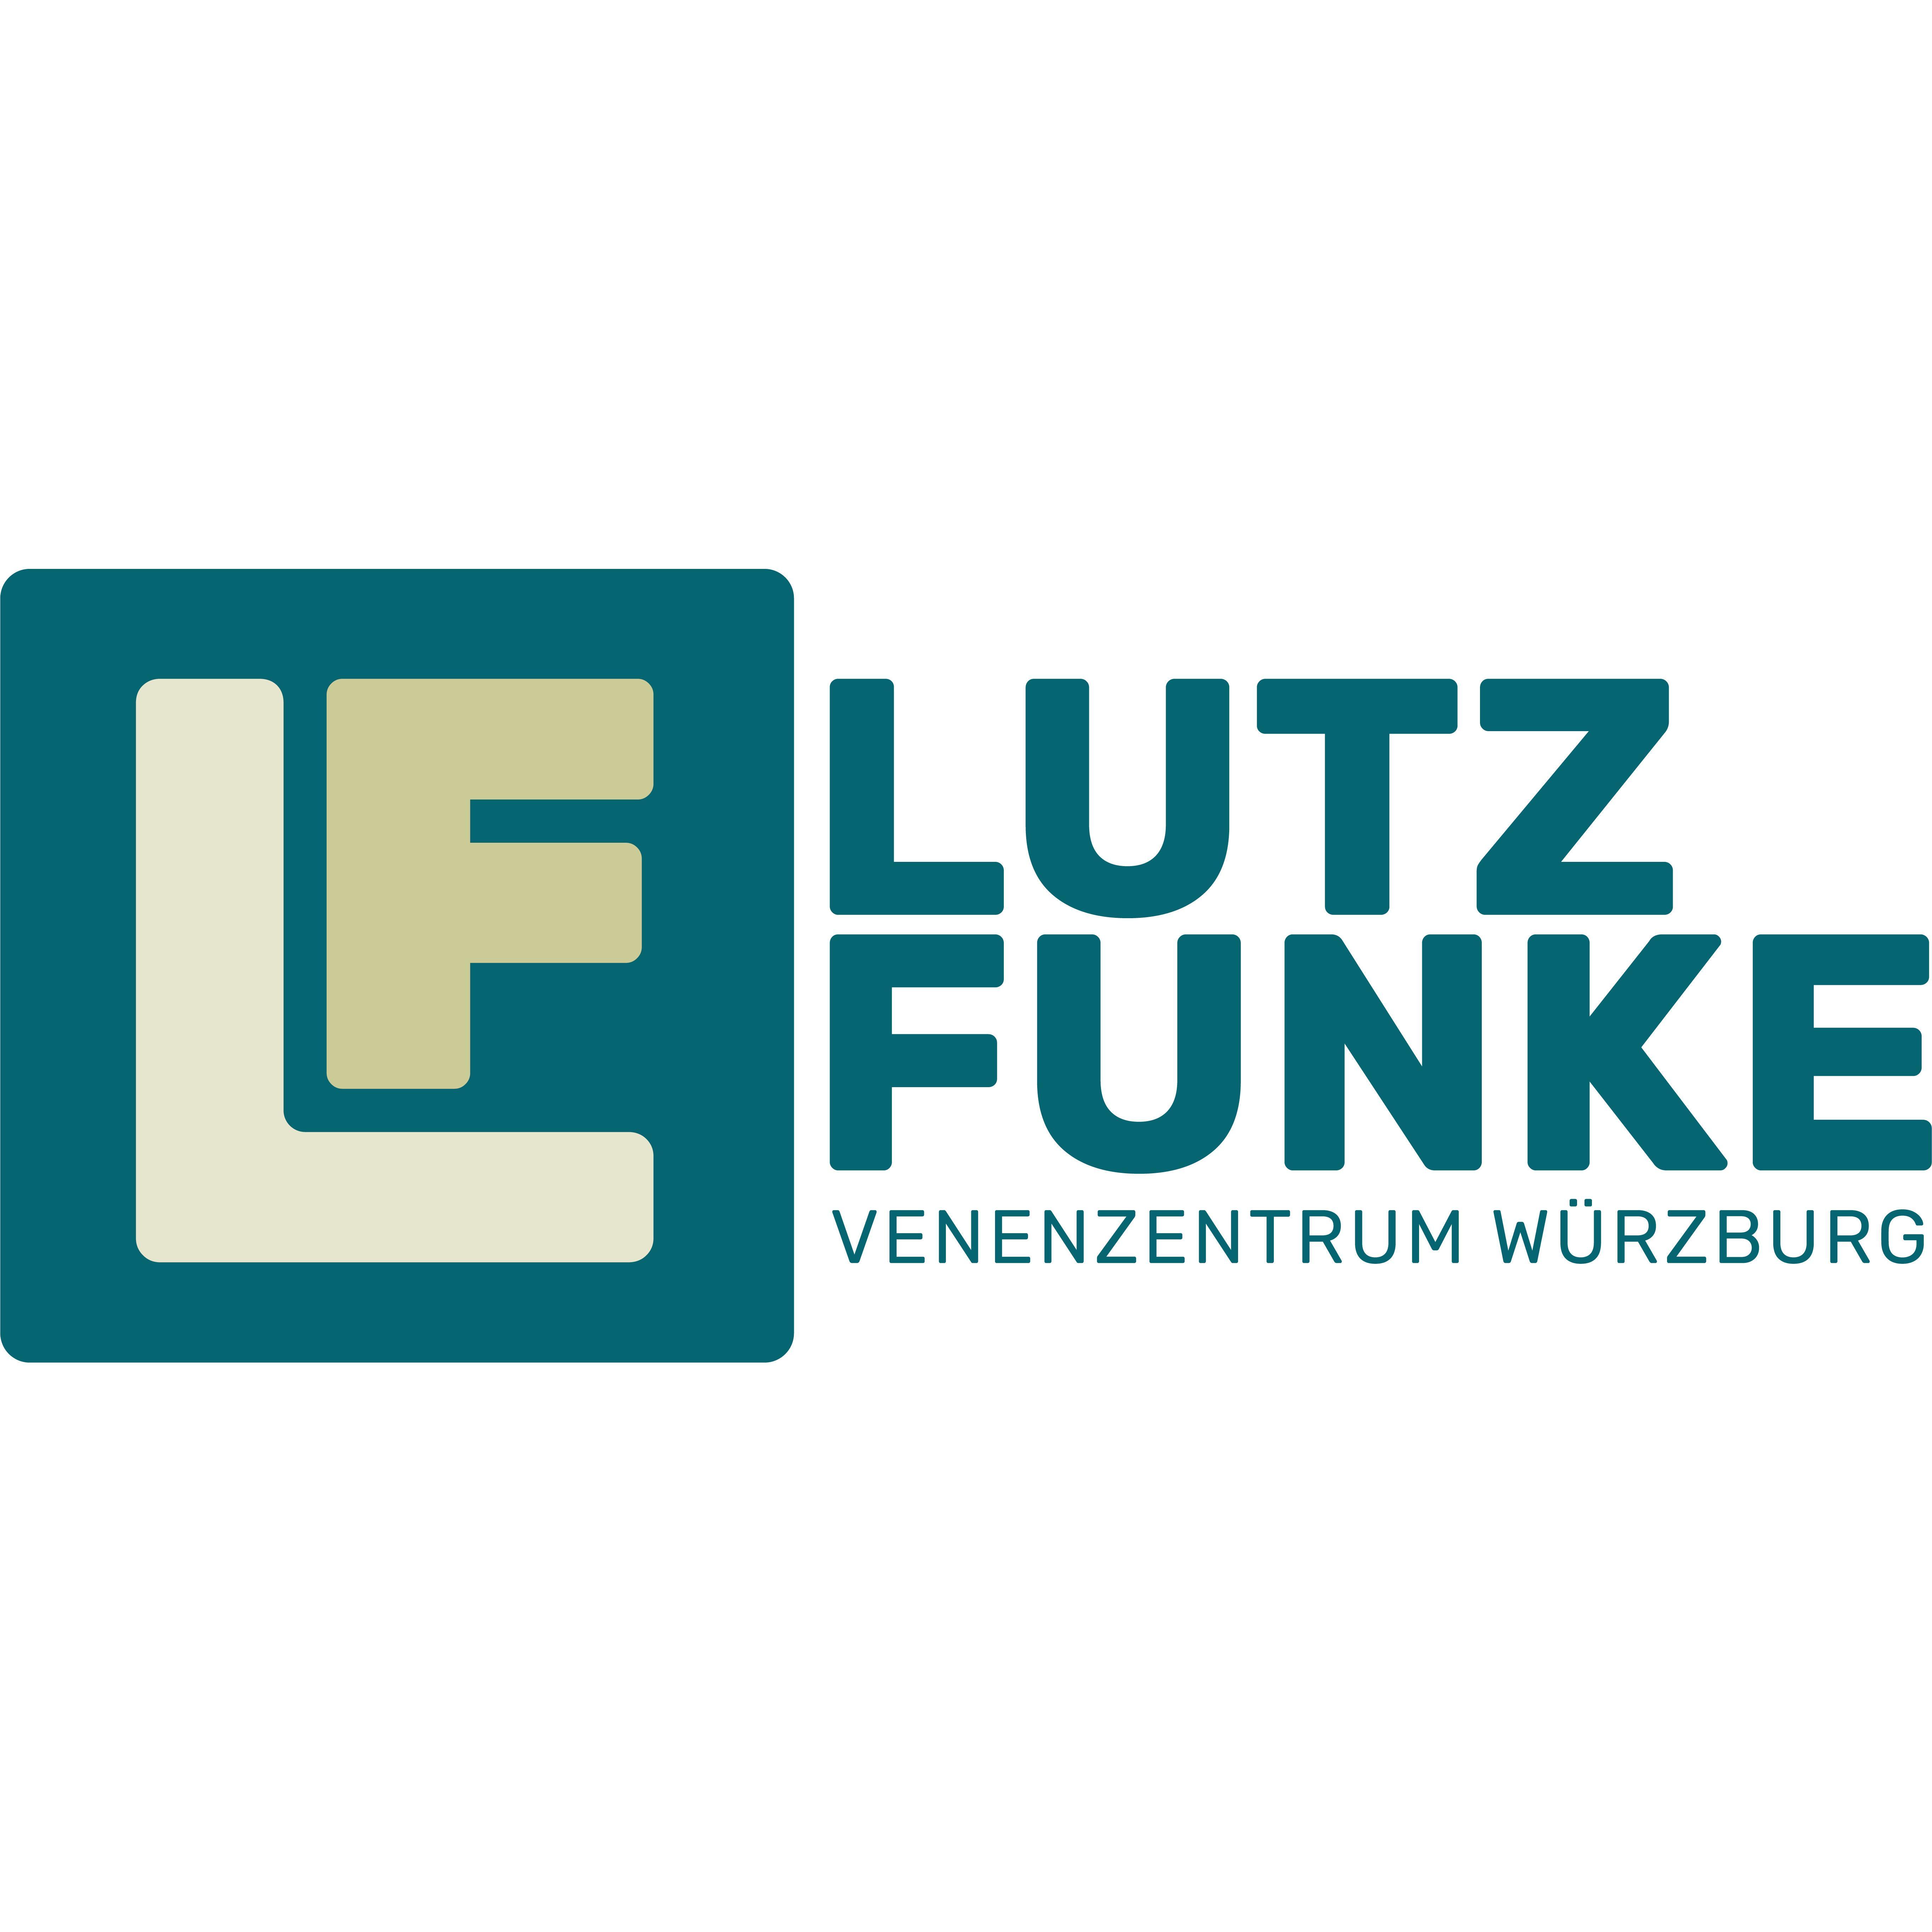 Bild zu Dr. med. Lutz Funke - Venenzentrum Würzburg, Gefäßchirugie, Phlebologie in Würzburg